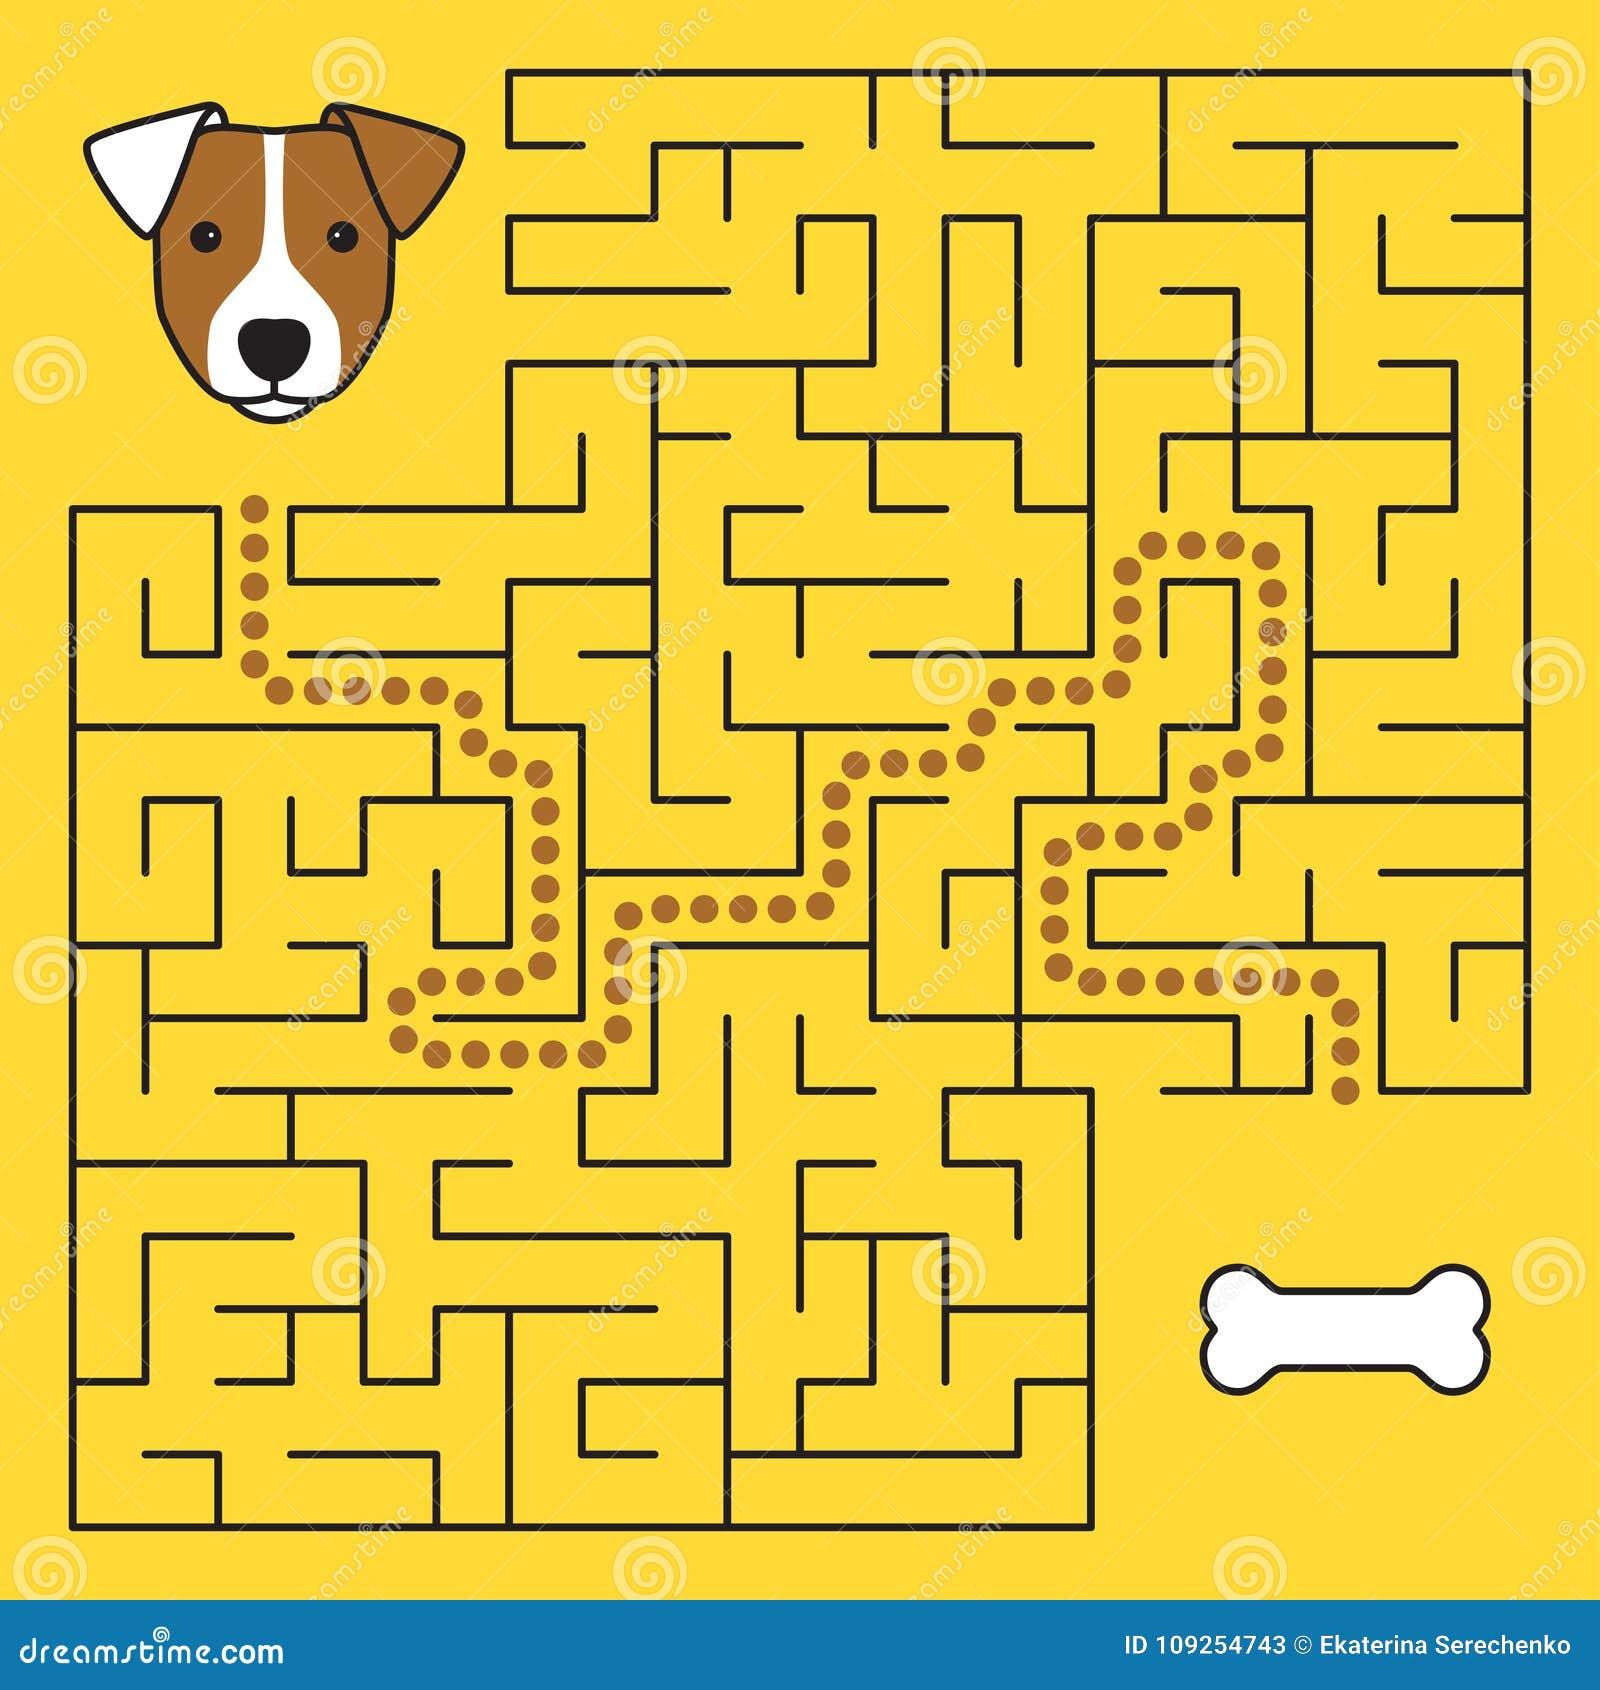 Labyrinthlabyrinthspiel mit Lösung Hilfshund